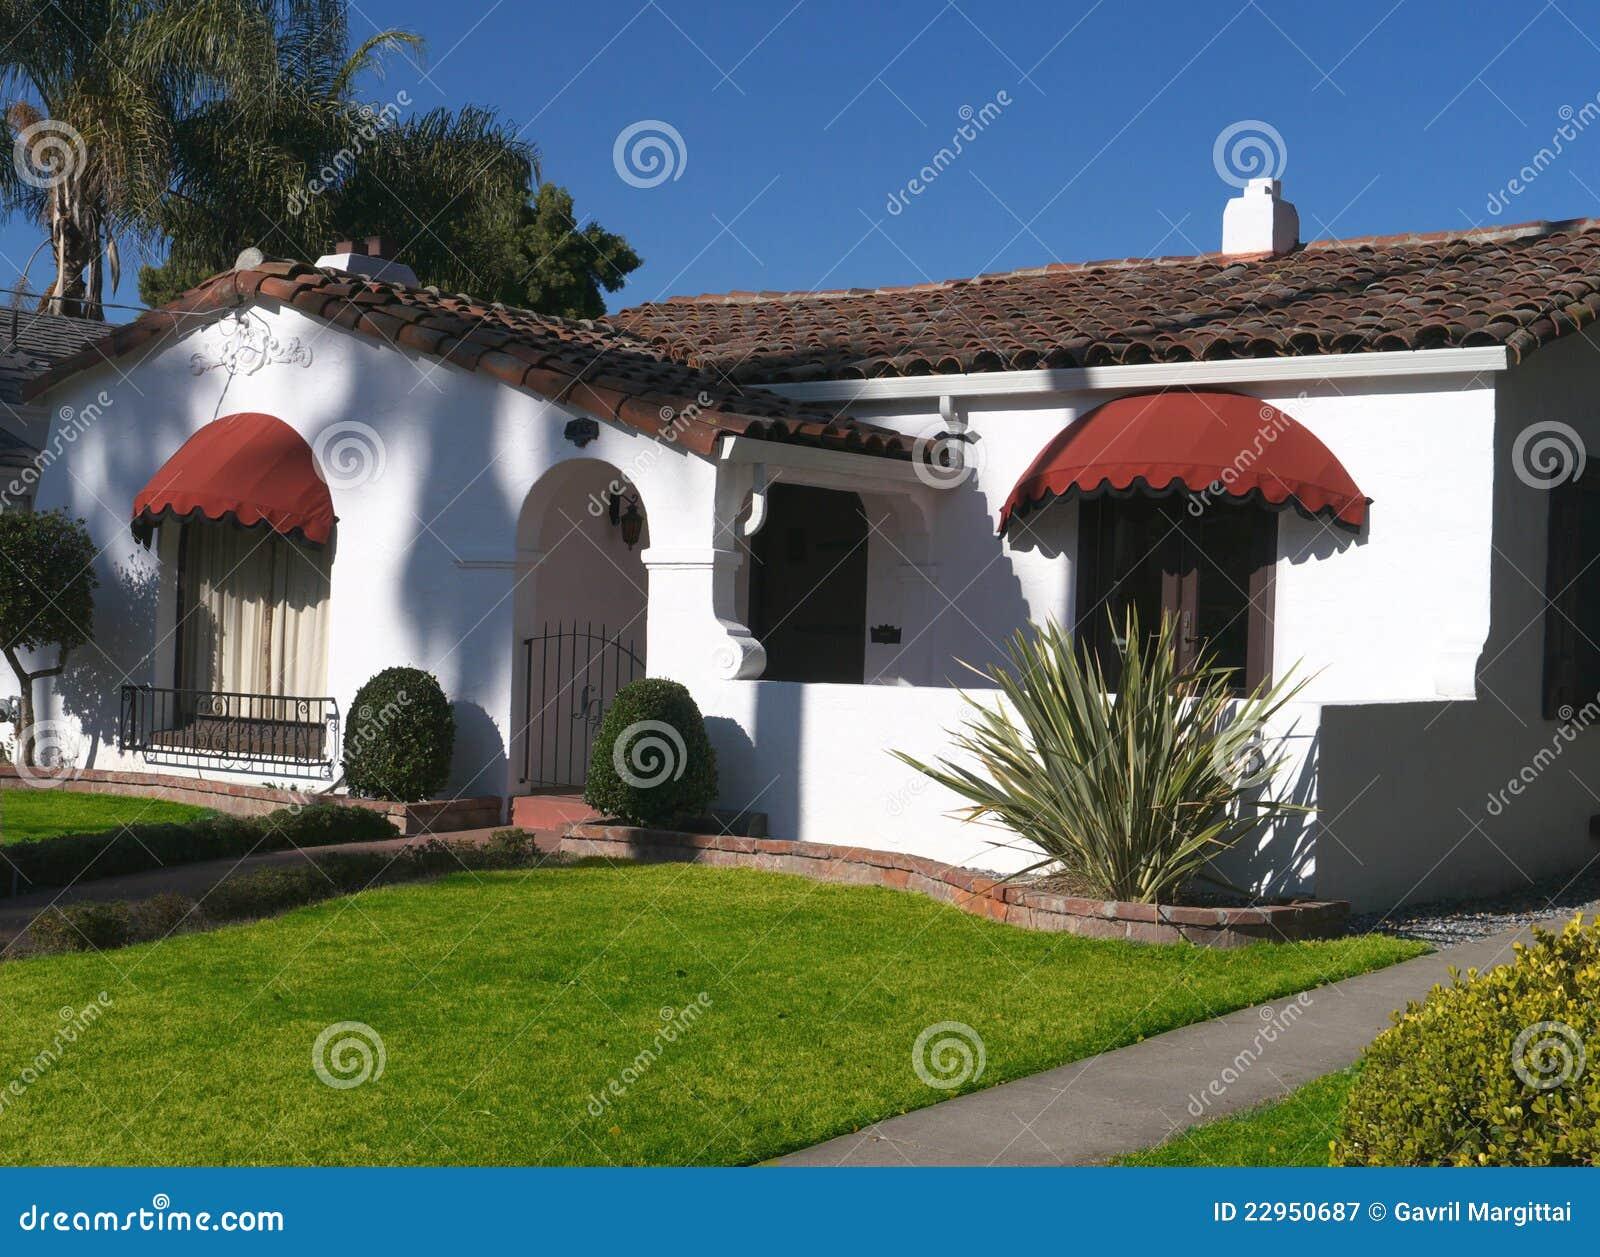 Casa tradicional de la azotea del adobe fotograf a de for La azotea de la casa de granada